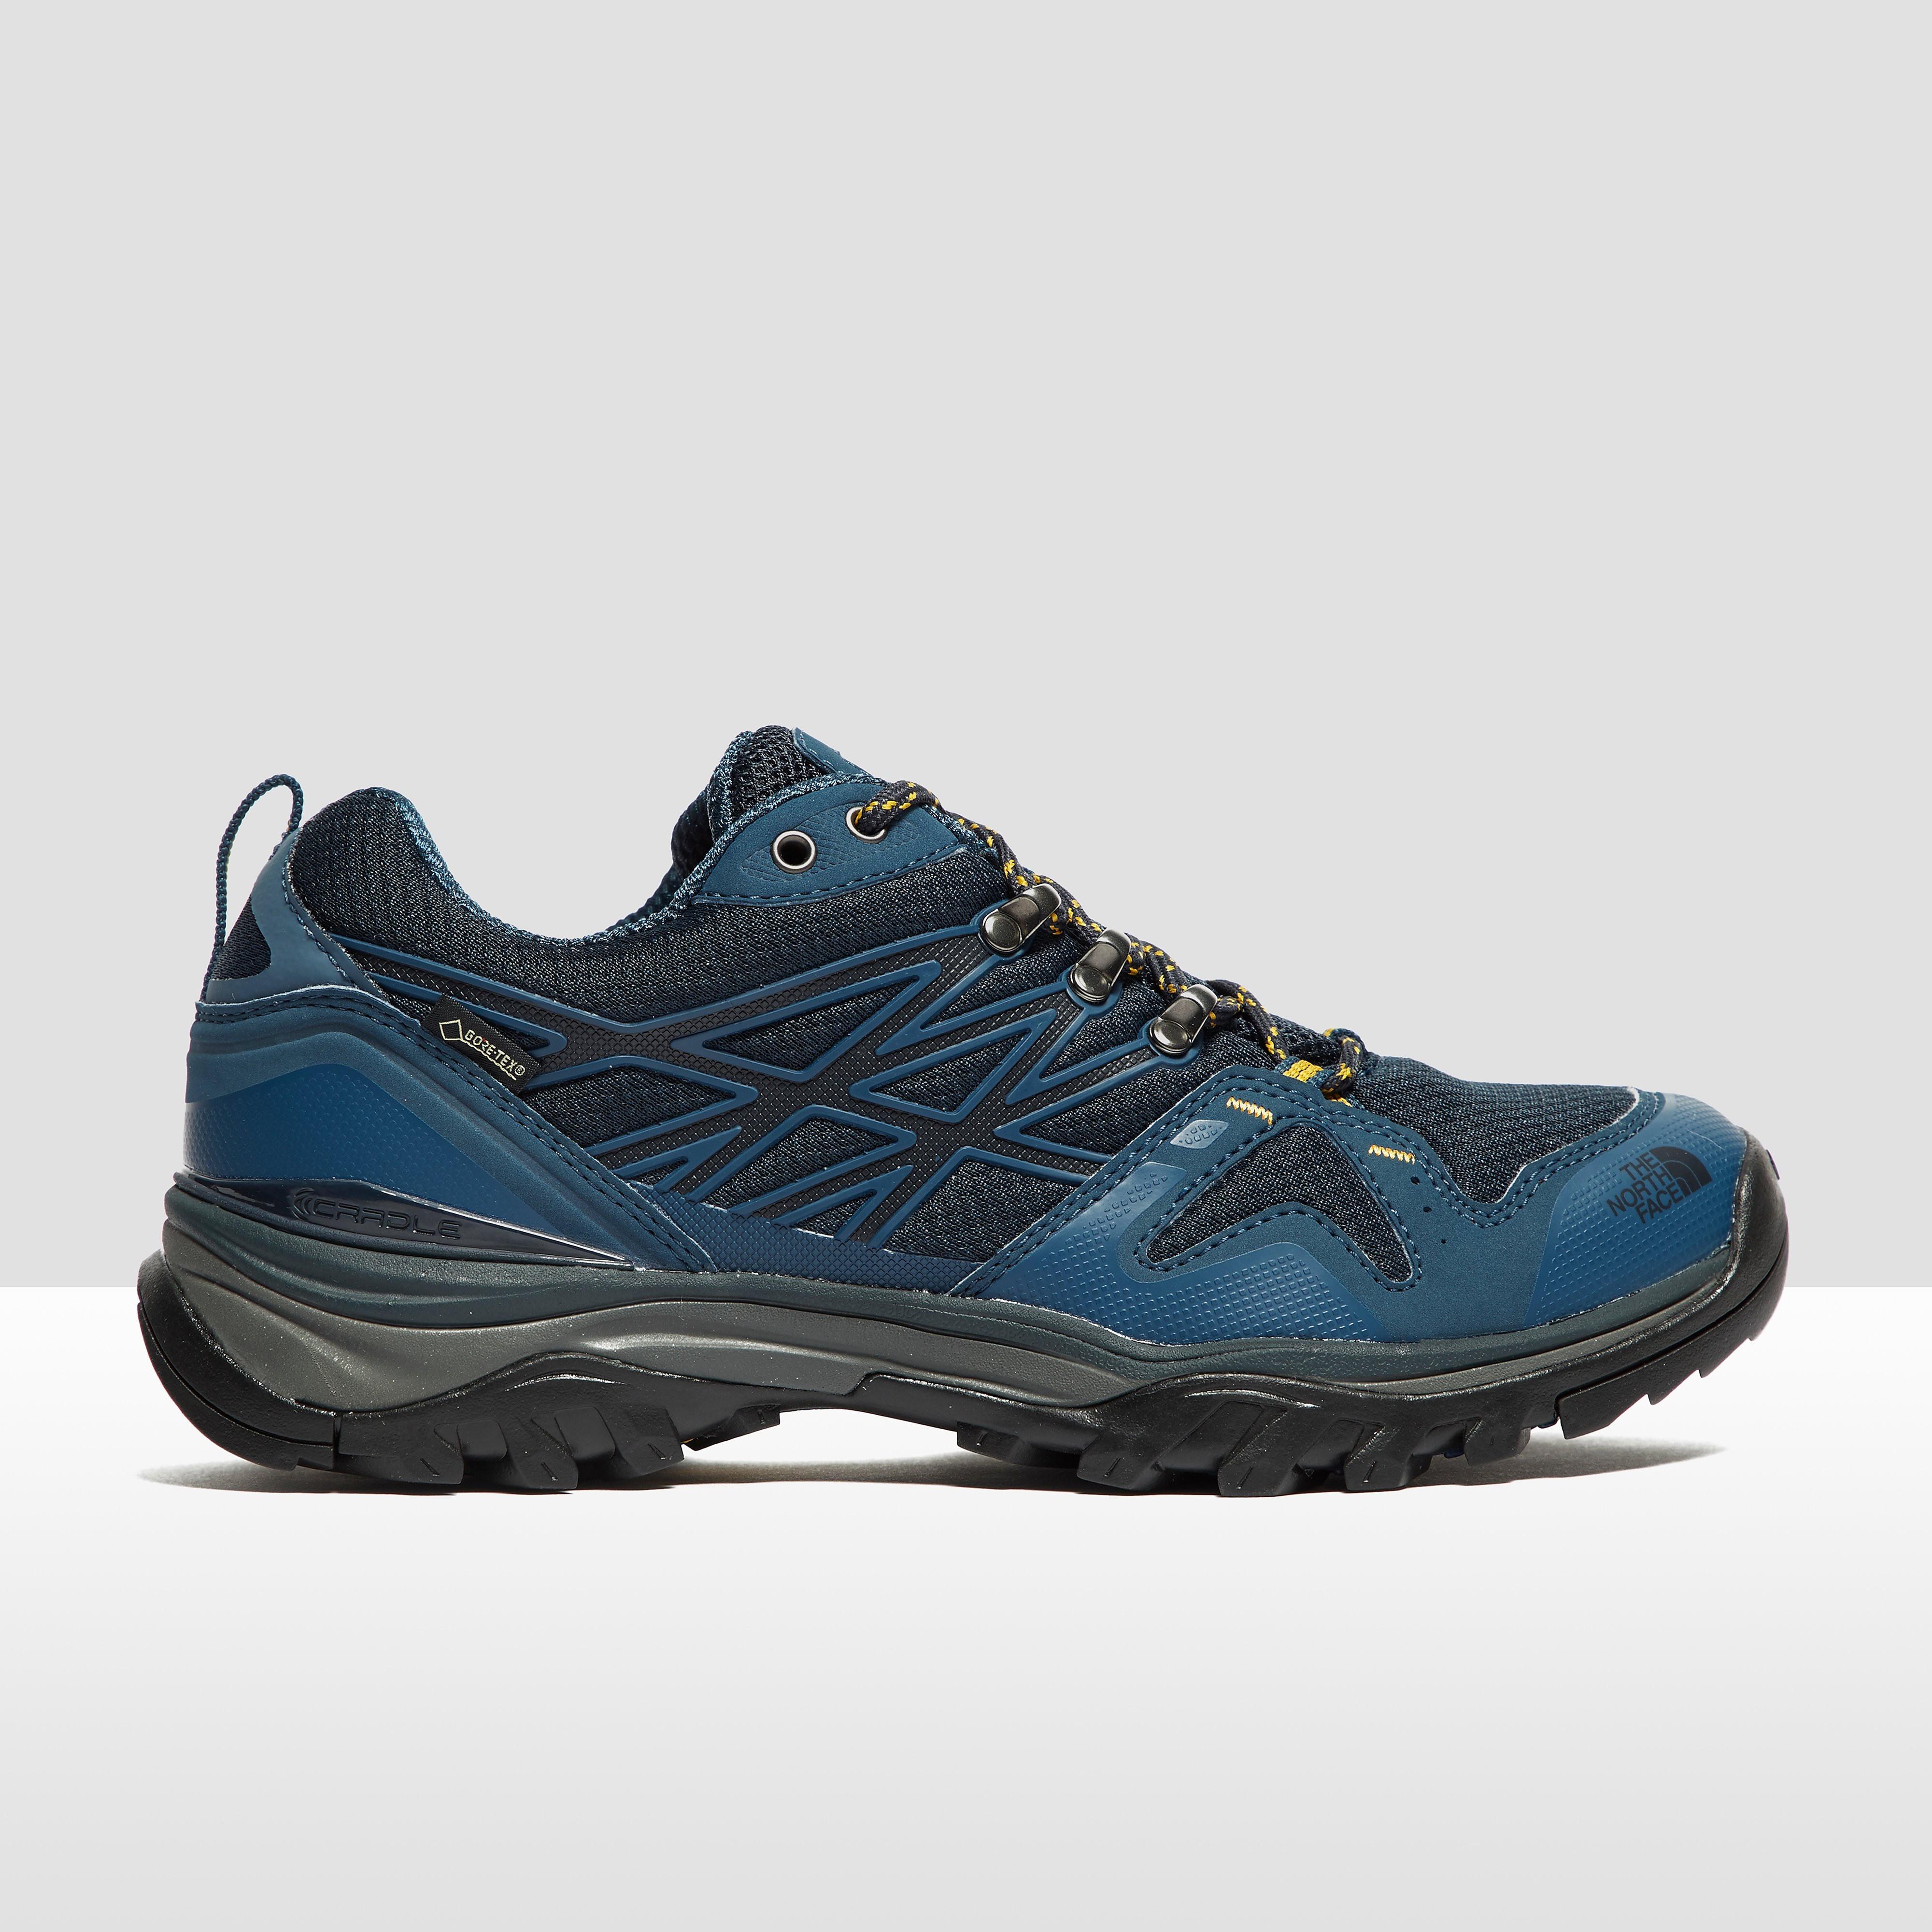 The North Face Men's Hedgehog Fastpack GTX Men's Walking Shoes